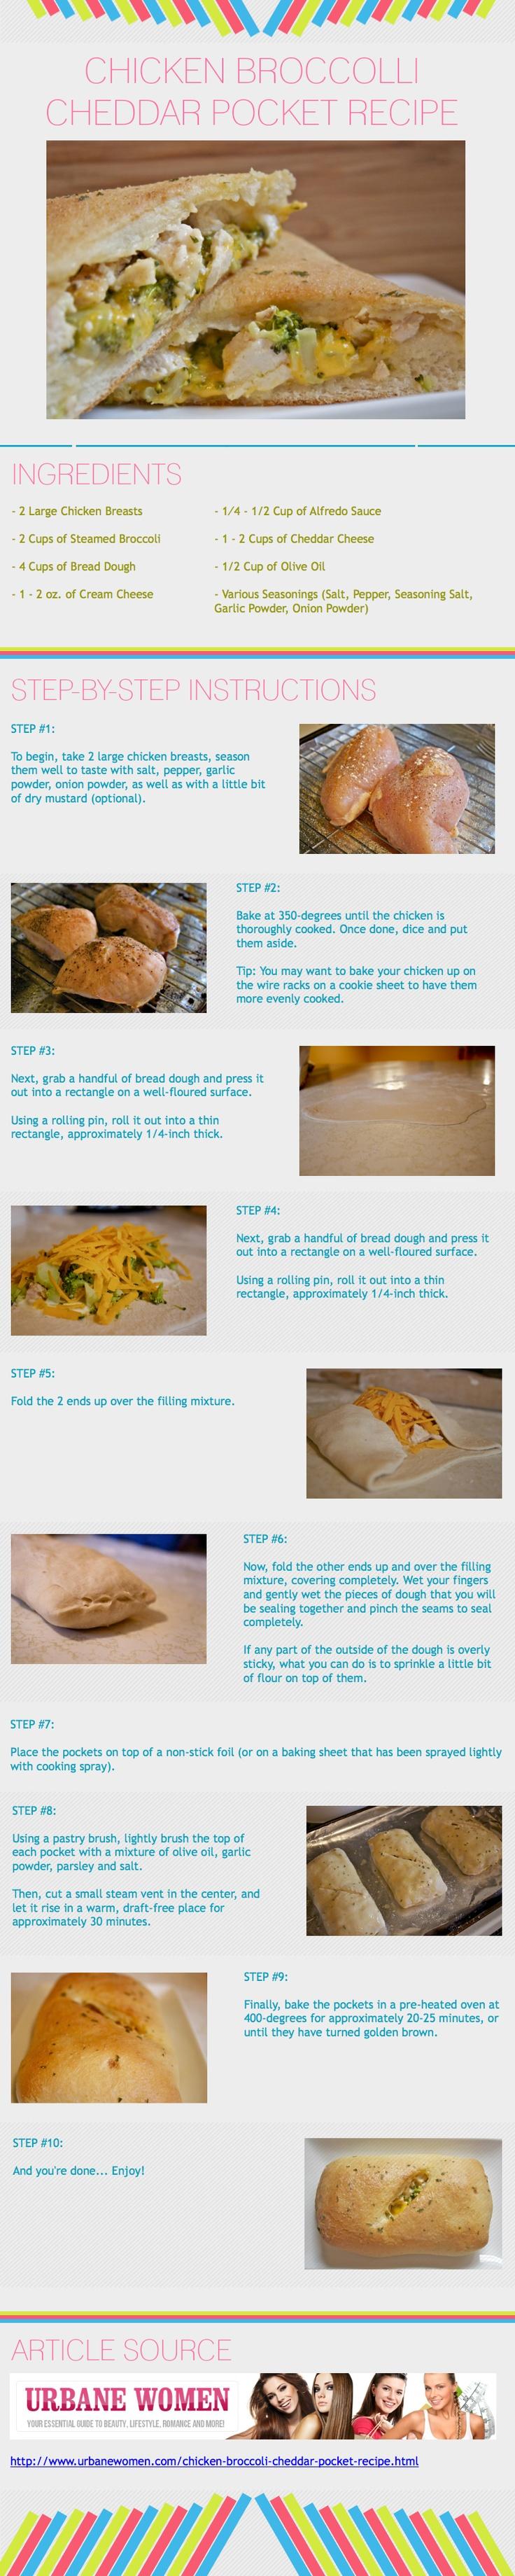 chicken broccoli pocket recipe.jpg